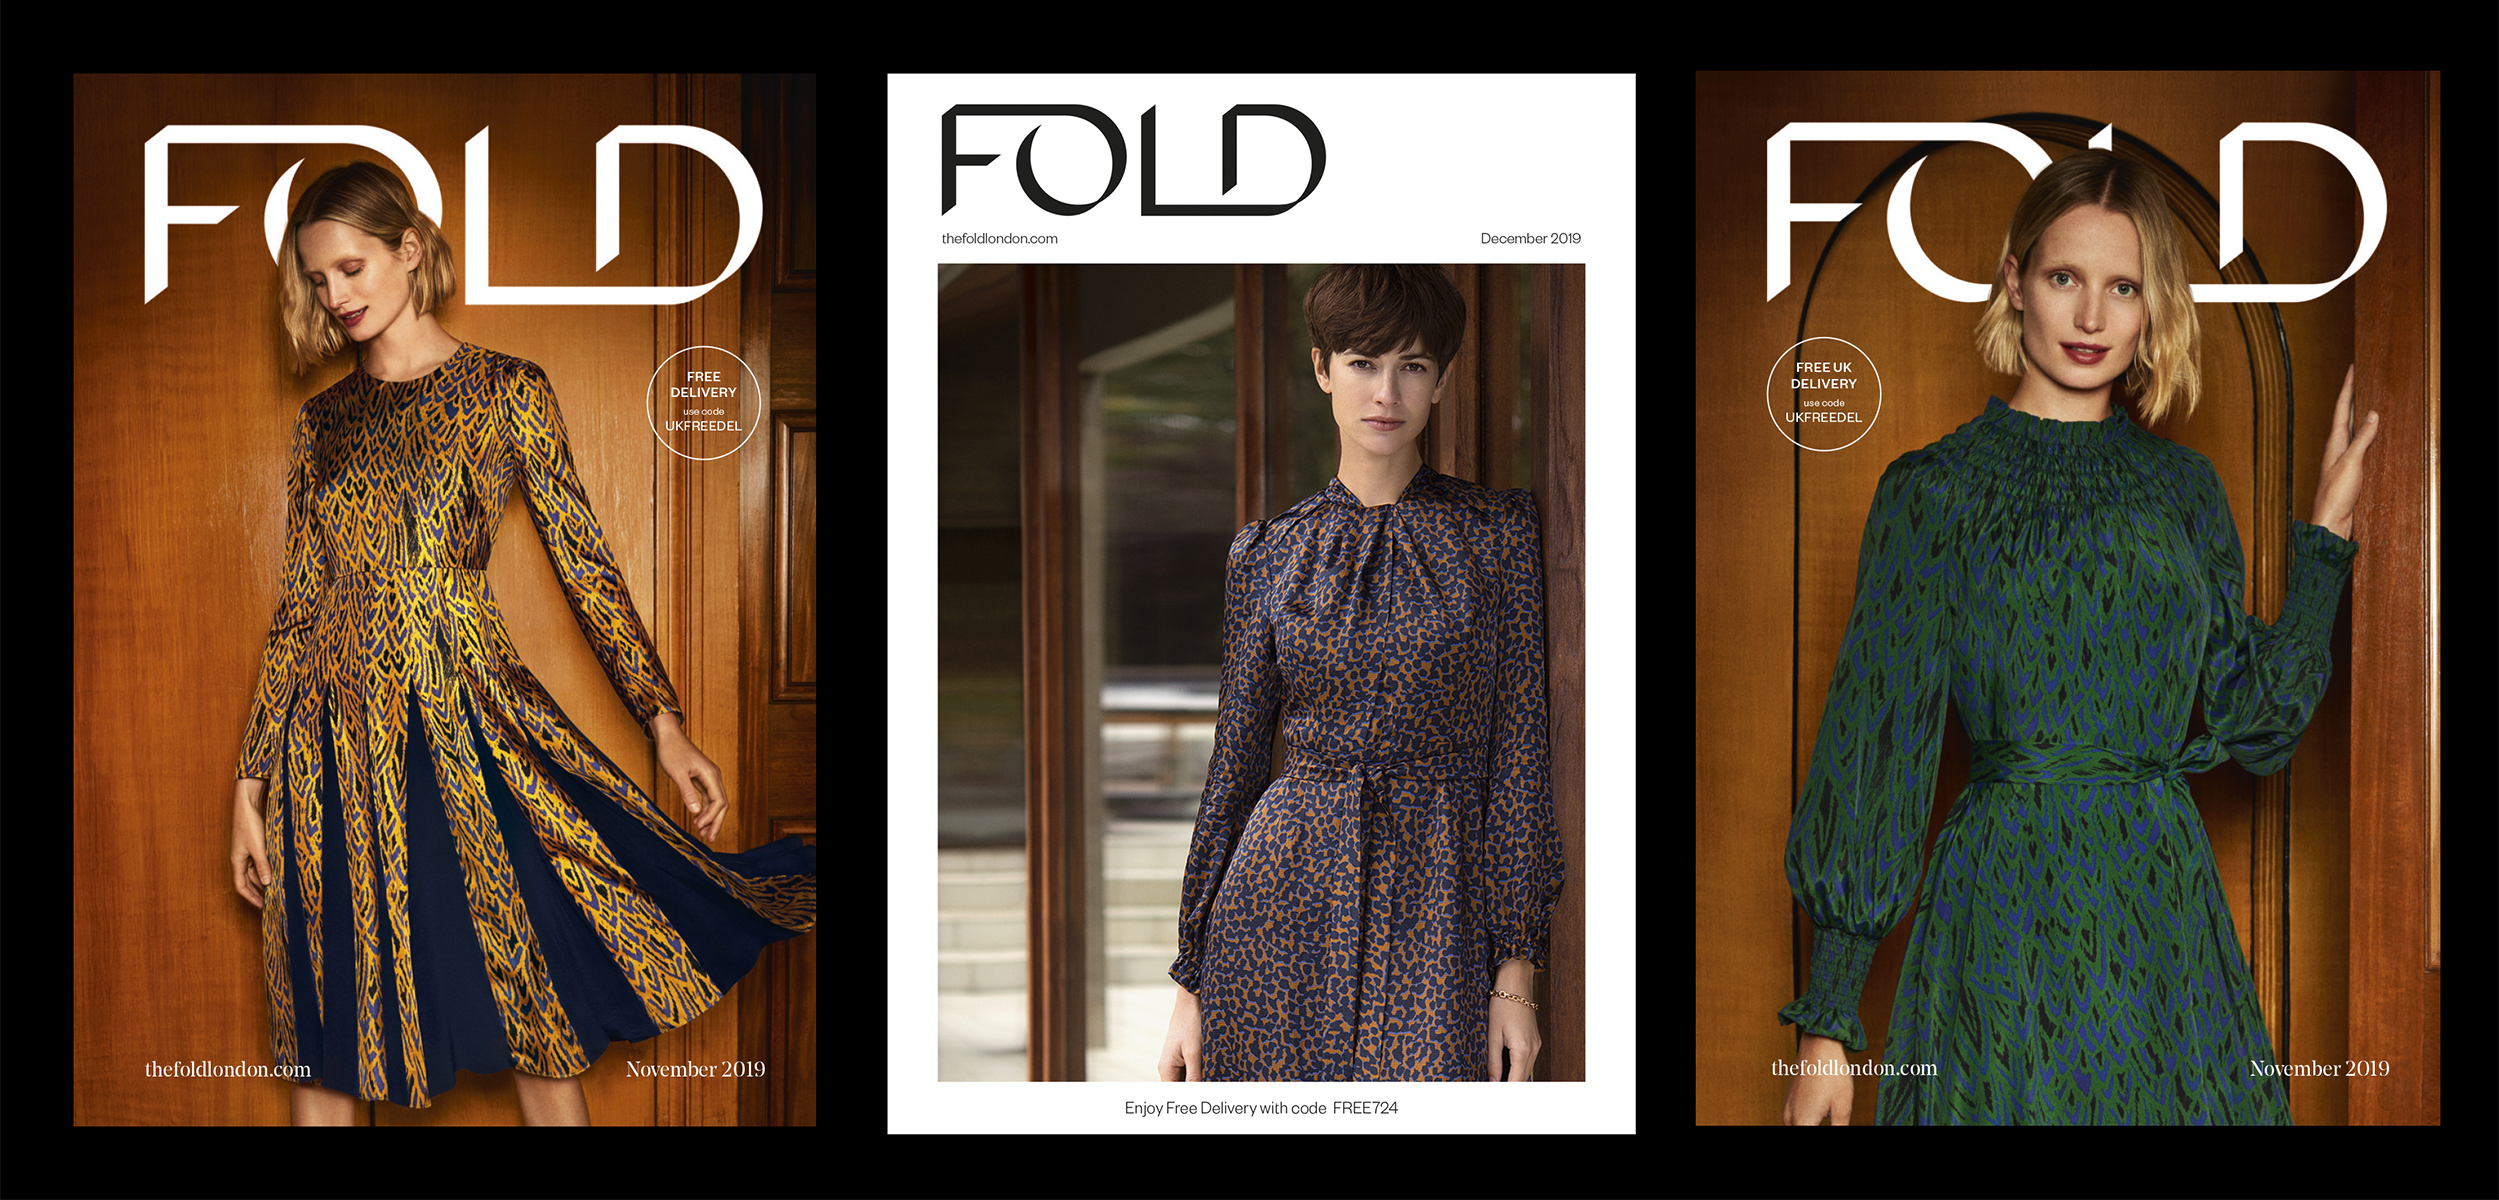 fold_banner_2